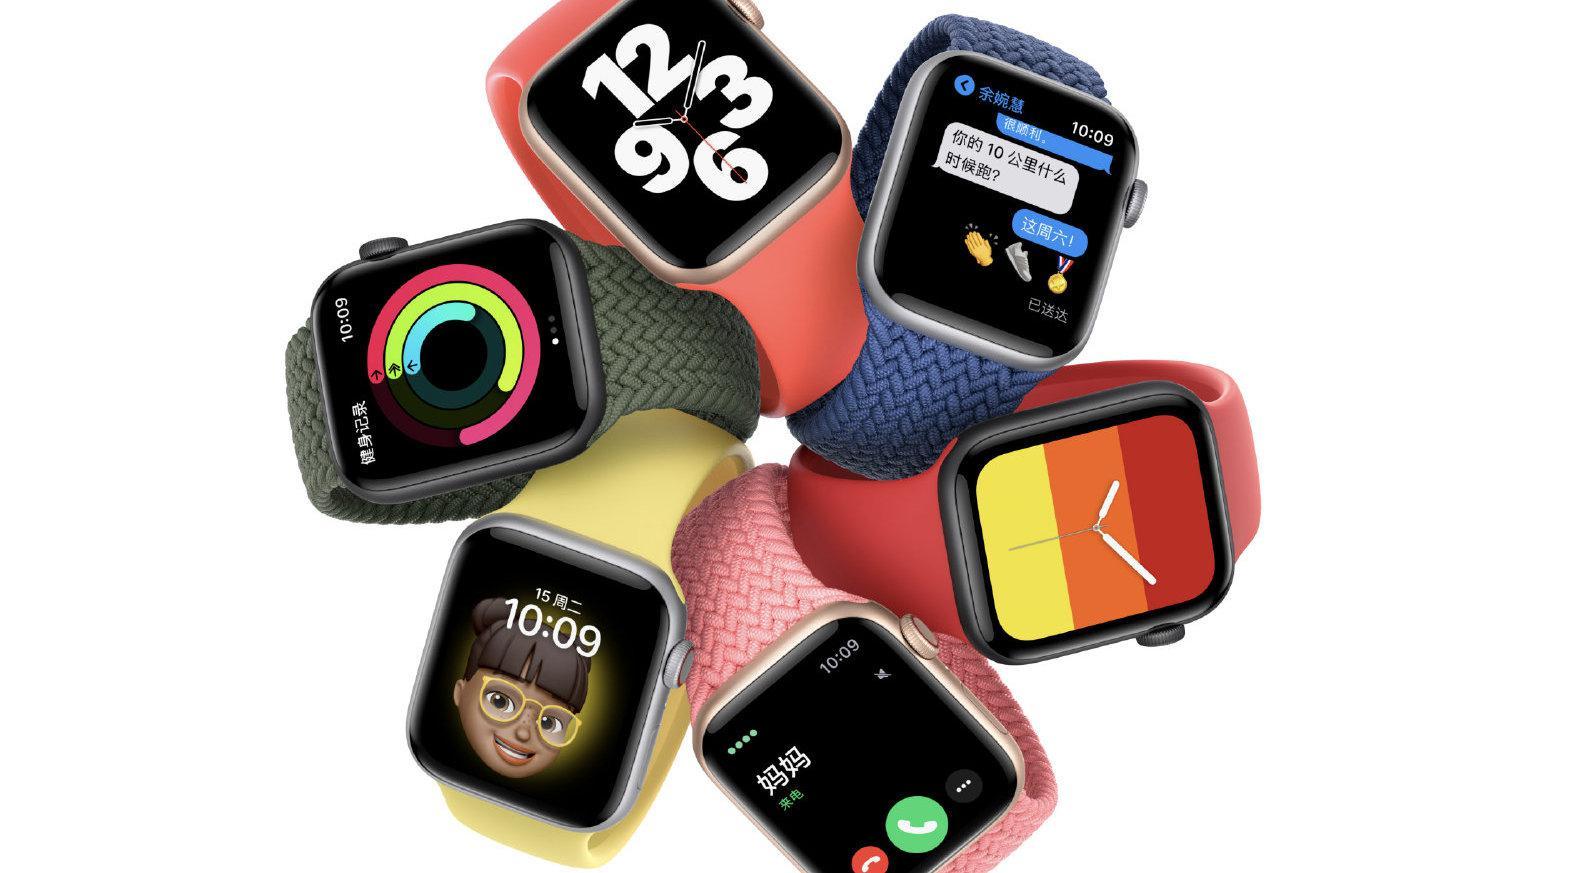 部分用户反映,Apple Watch SE出现过热故障,屏幕烧坏